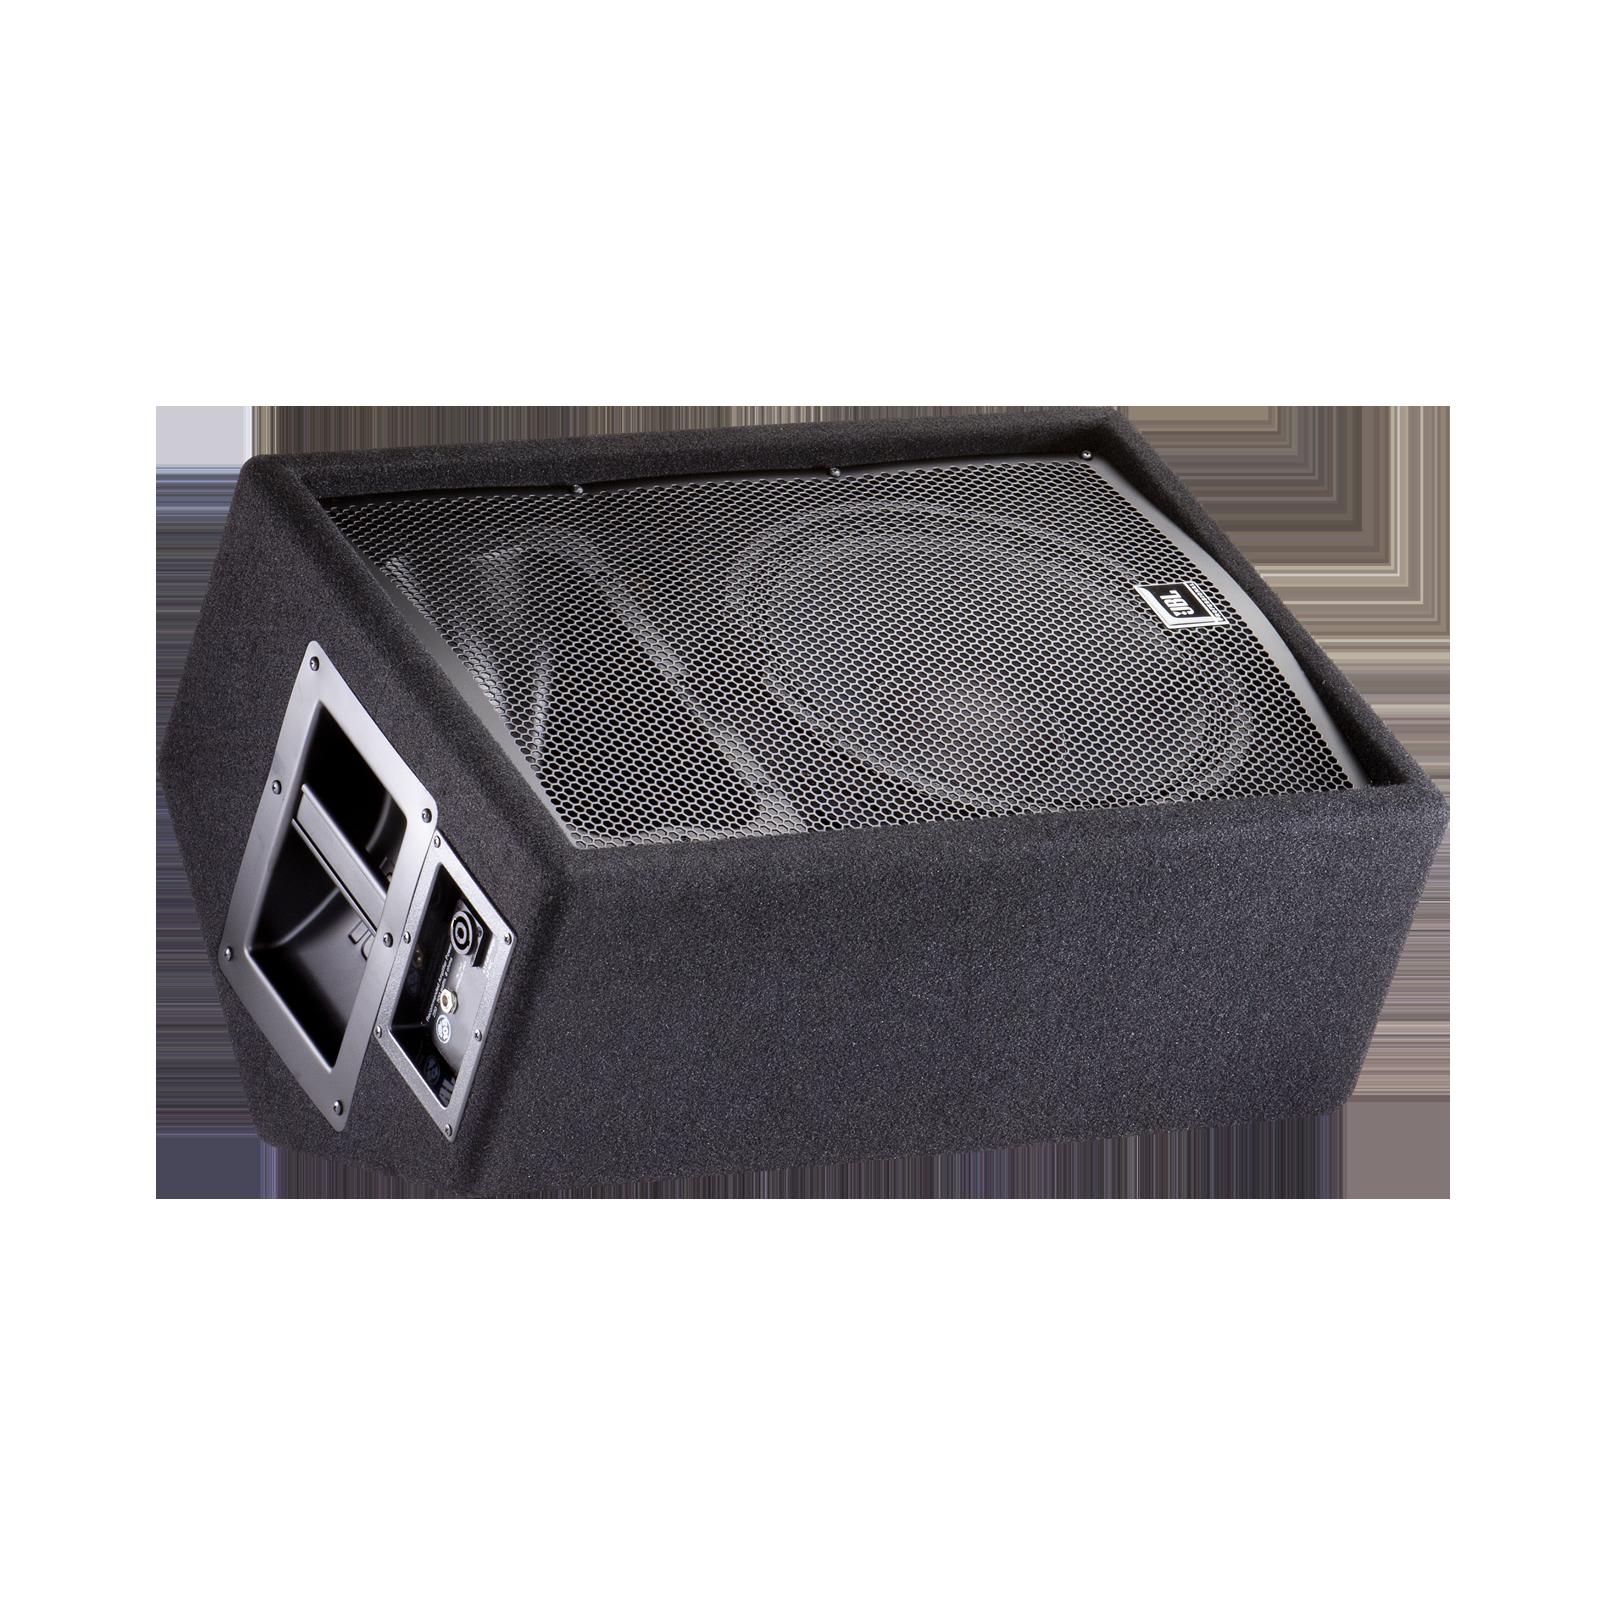 """JBL JRX212 - Black - 12"""" Two-Way Stage Monitor Loudspeaker System - Detailshot 1"""